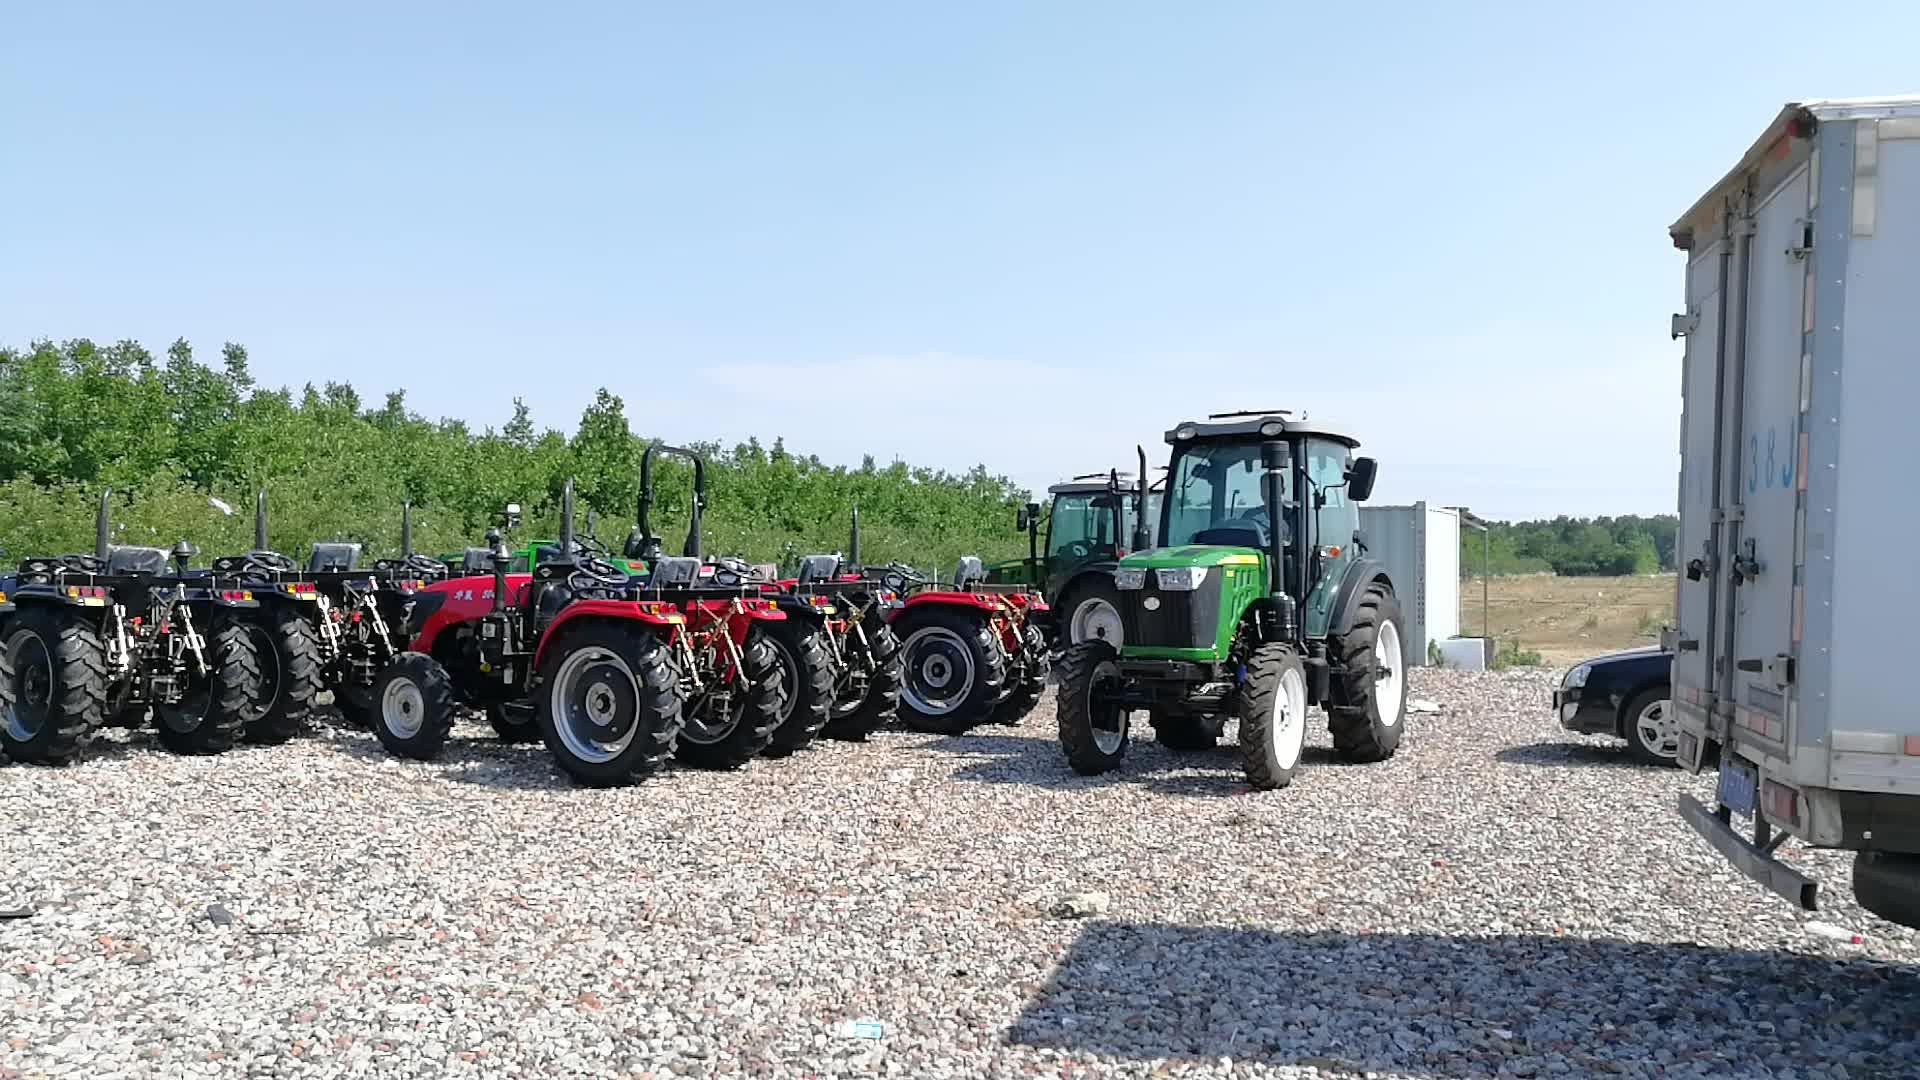 65 हिमाचल प्रदेश सीई कृषि सस्ते चीनी छोटे से खेत के साथ जापान ट्रैक्टर बिक्री के लिए सामने अंत लोडर और बेकहो के साथ फिलीपींस